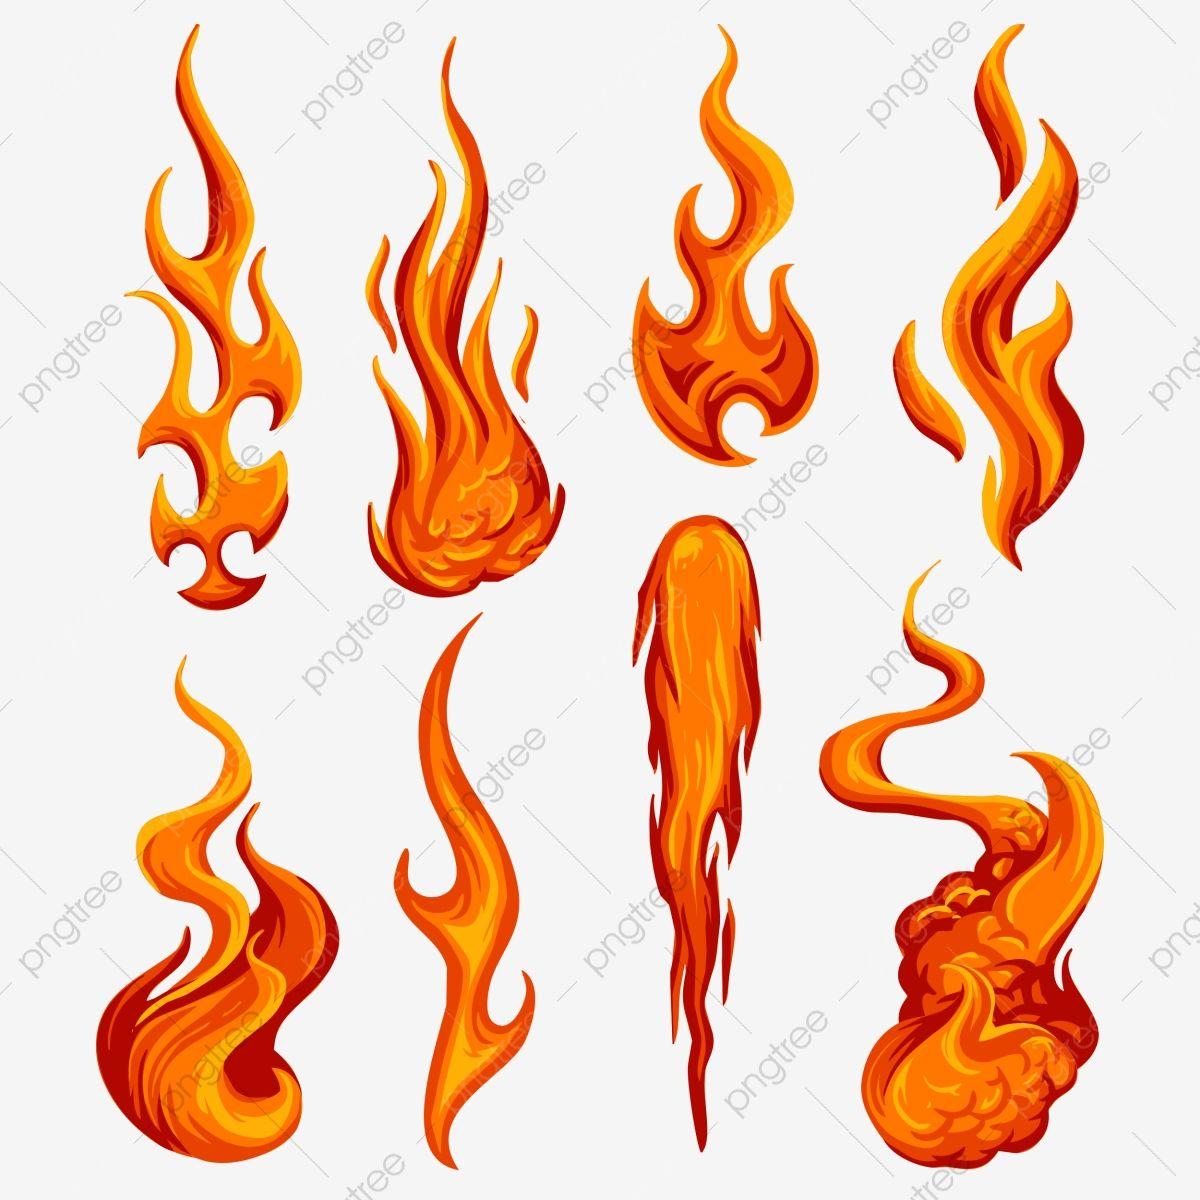 Vetor De Chamas De Fogo Definir Ilustracao Clipart De Fogo Chama Fogo Png Imagem Para Download Gratuito Fire Sketch Fire Drawing Fire Art